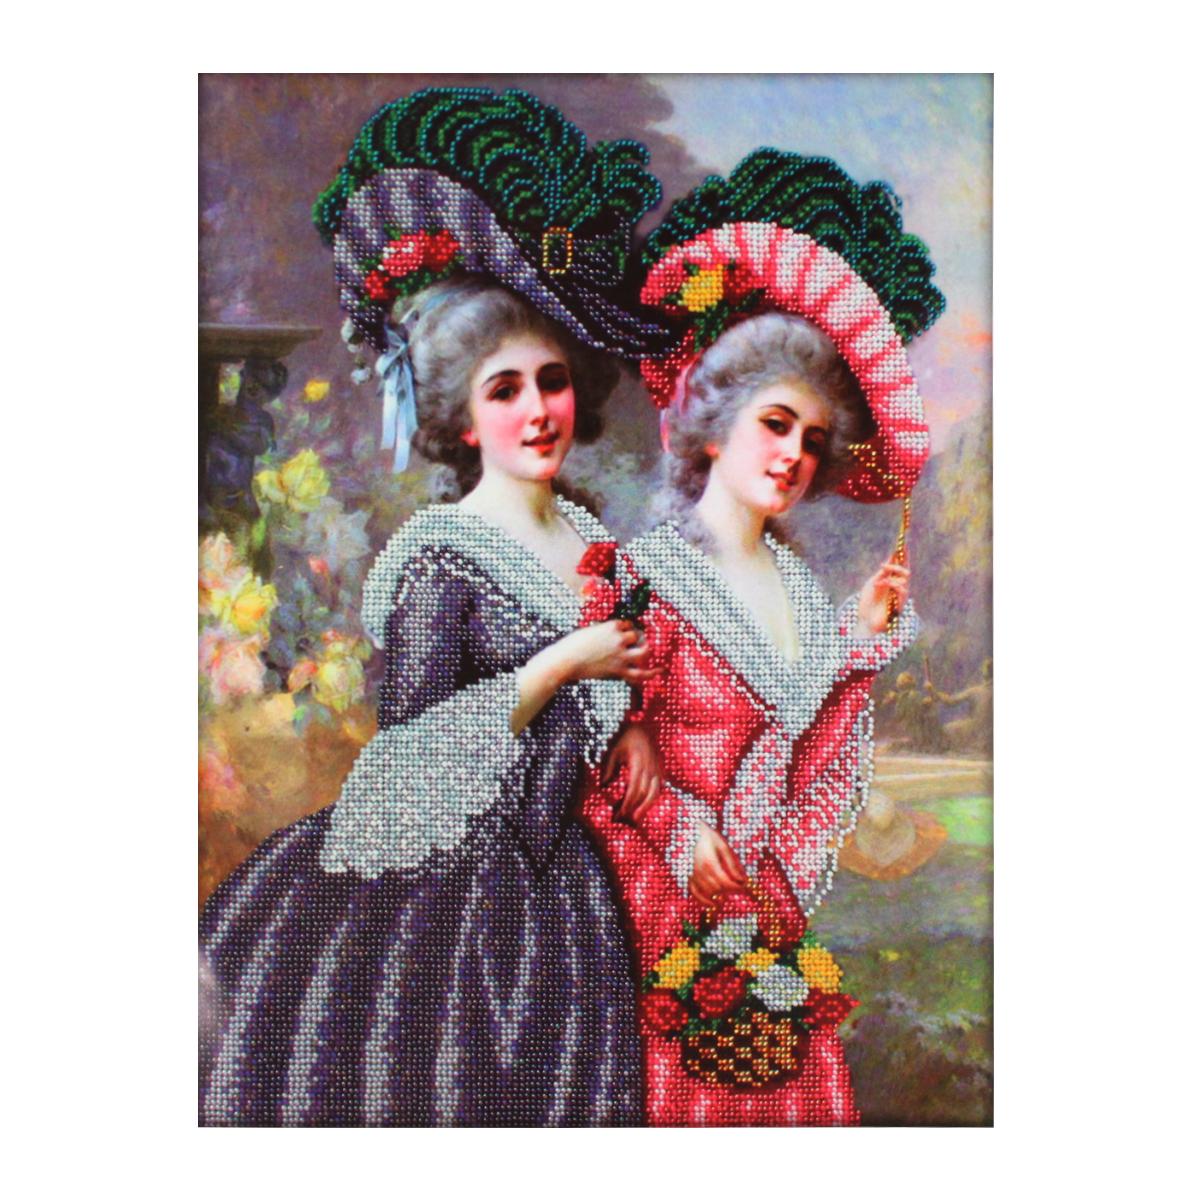 Набор для вышивания бисером Паутинка Барышни на прогулке, 28 см х 36 см. Б1480484153Состав набора: бисер Чехия - 20 цветов, льняная ткань с нанесенным рисунком, бисерная игла, подробная инструкция.